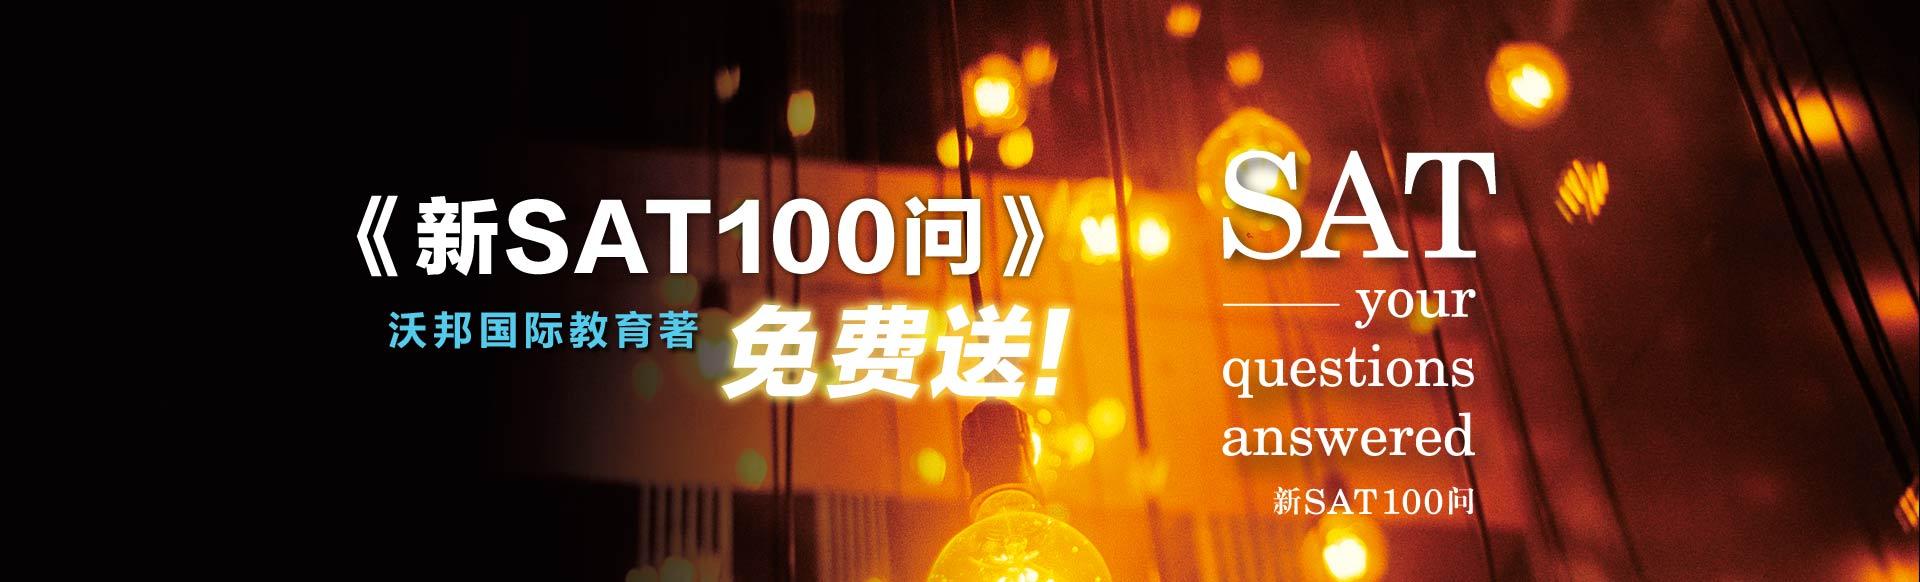 SAT100问